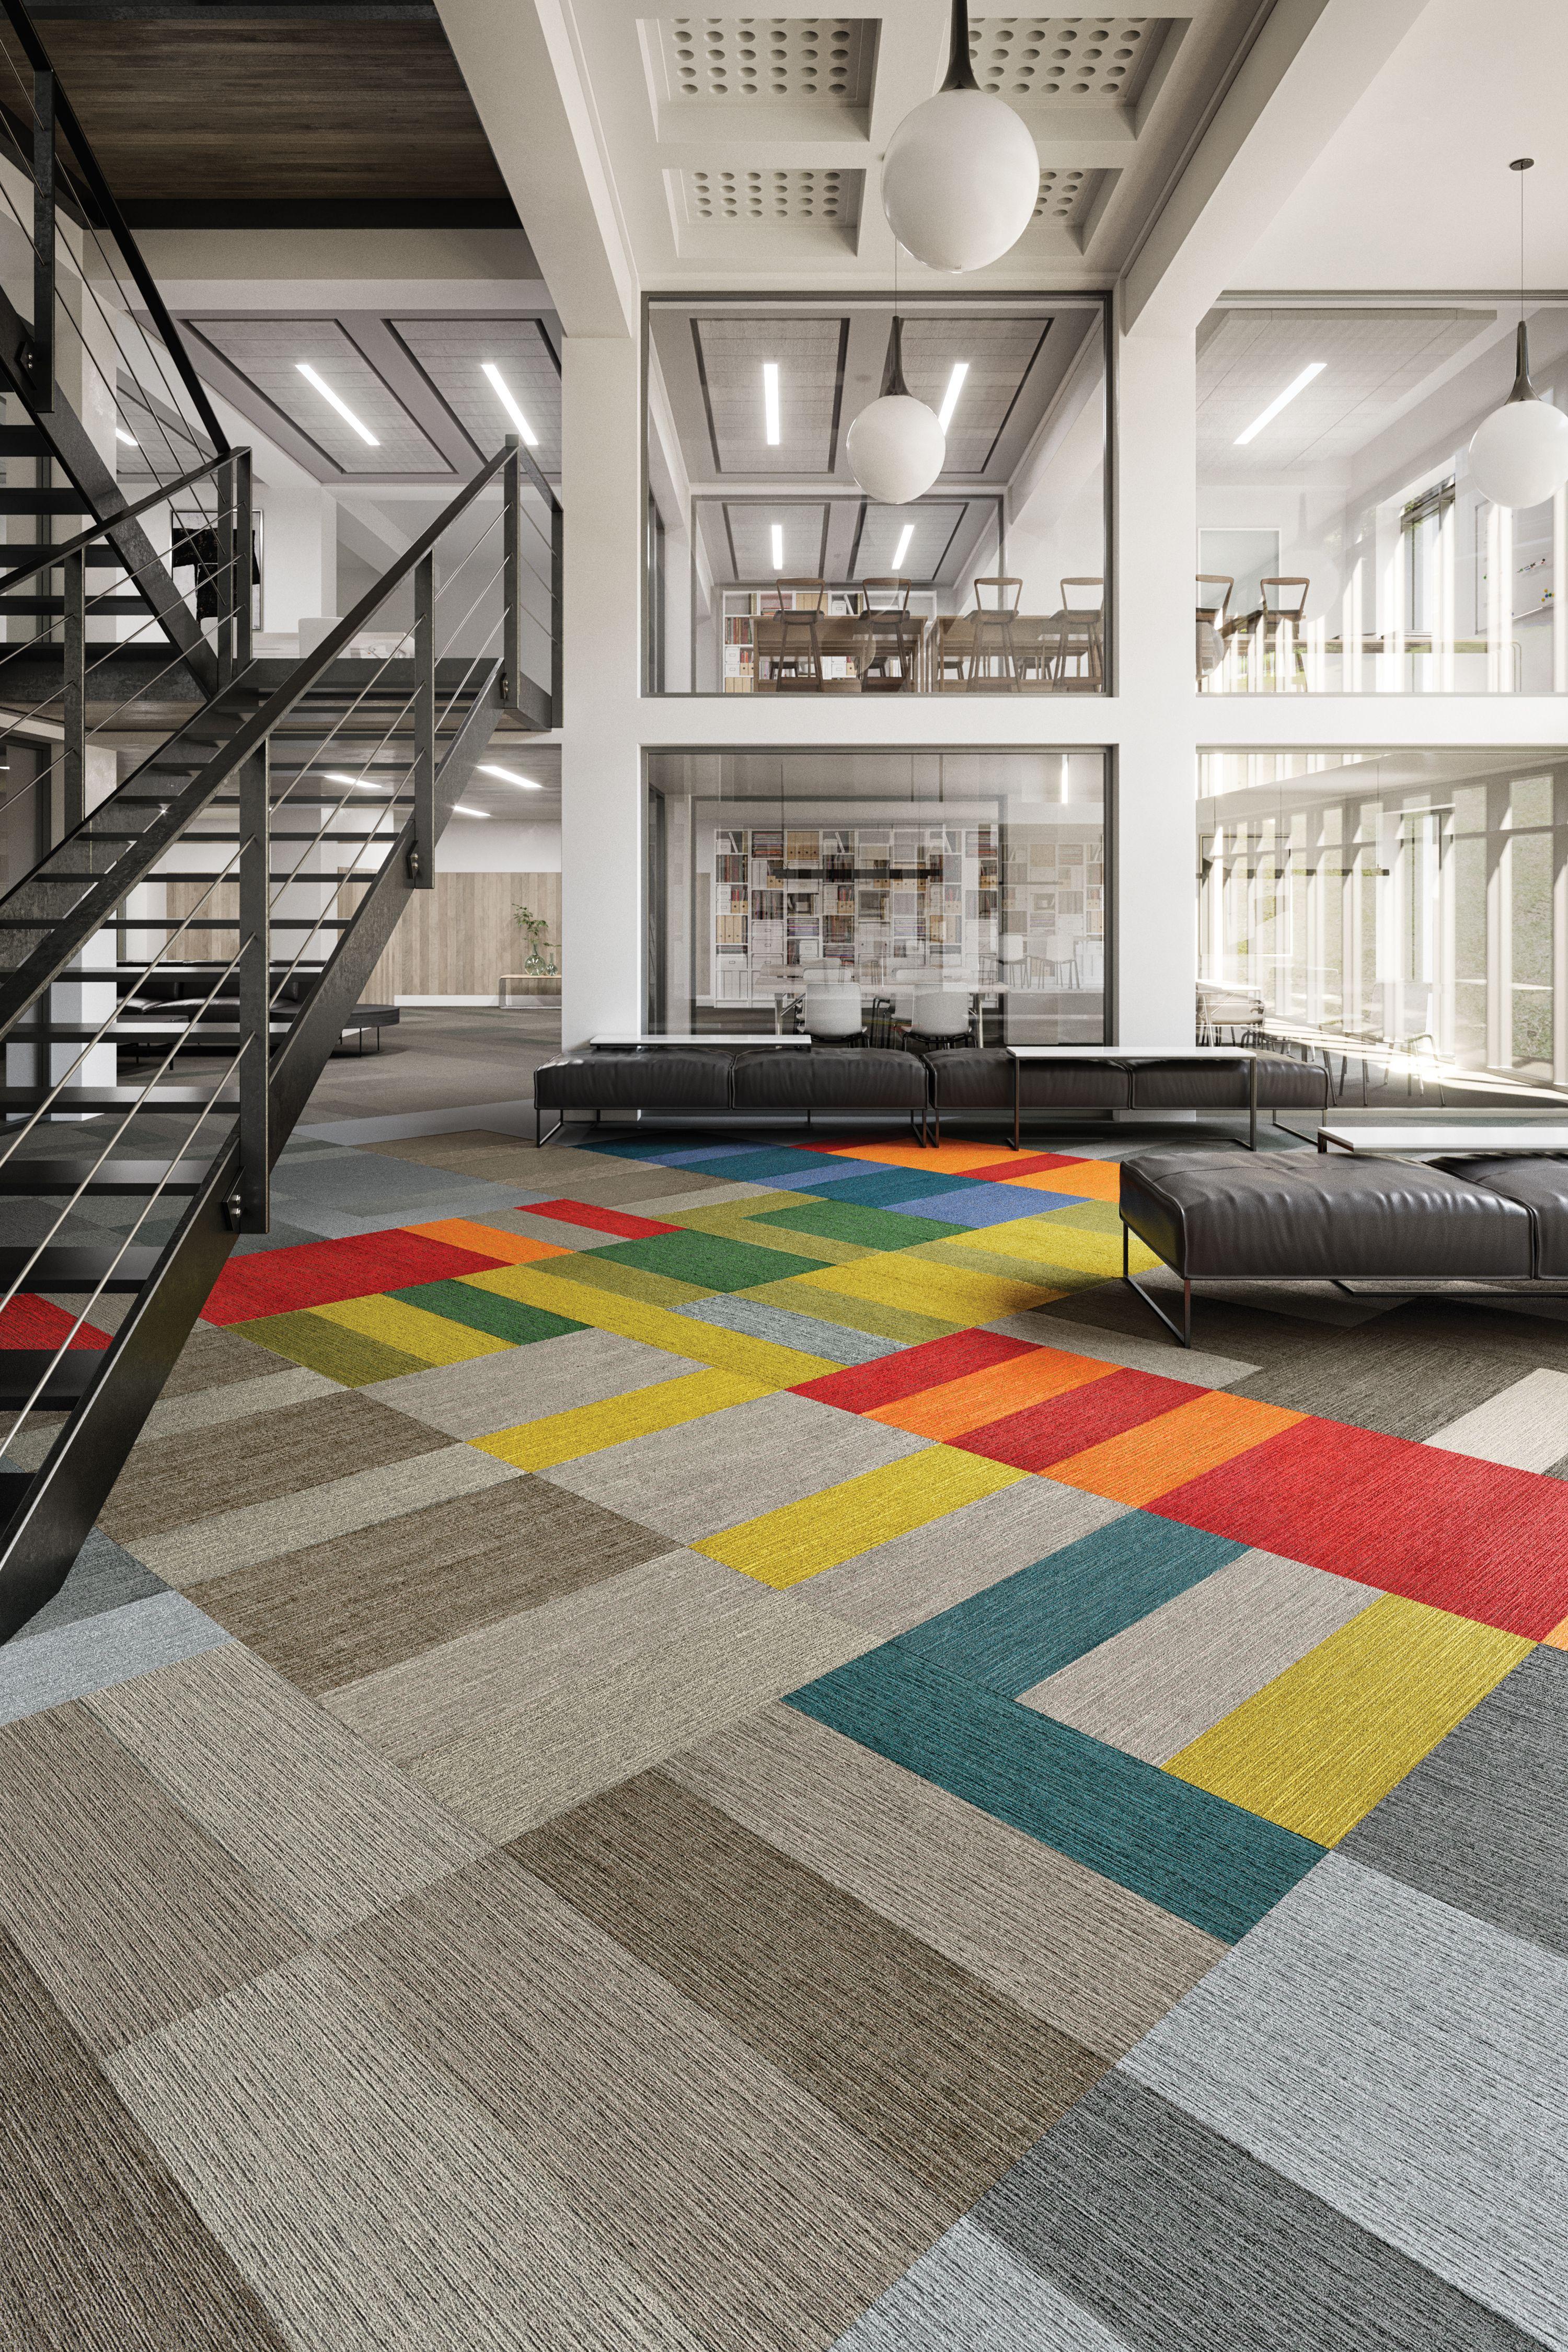 Color Balance Carpet Tile Flooring for Education Spaces  Carpet